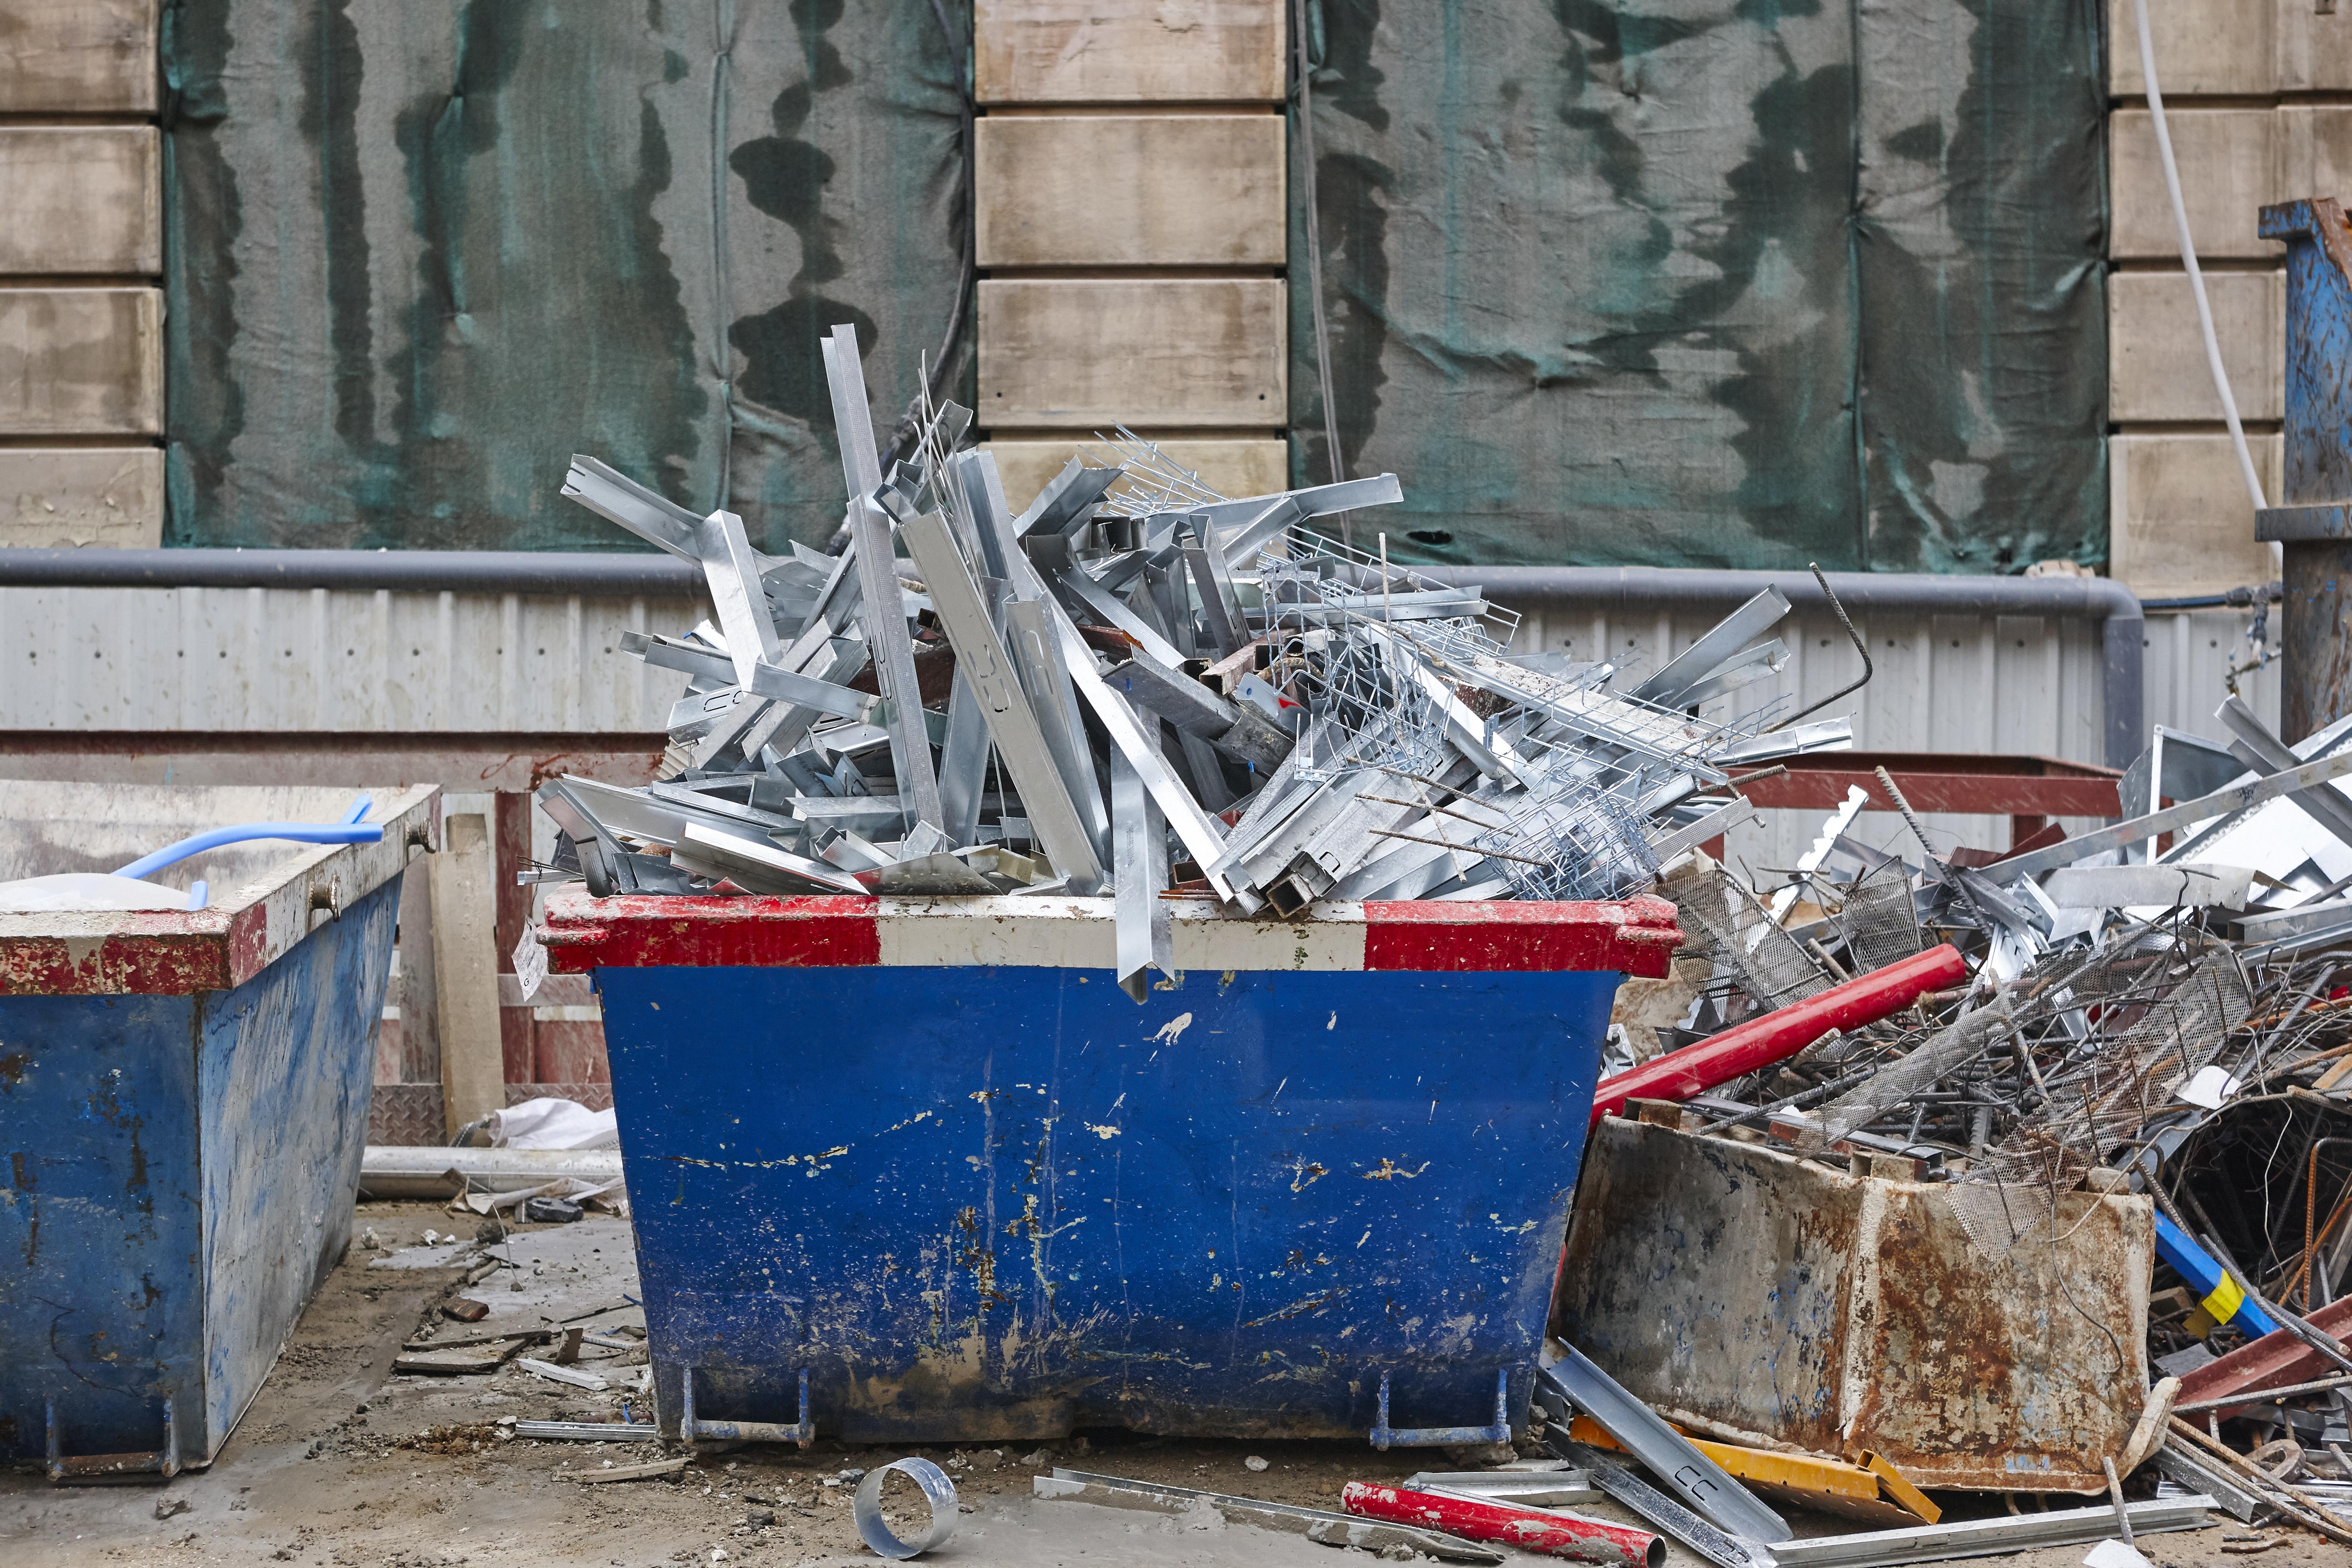 construction dumpsters aurora il